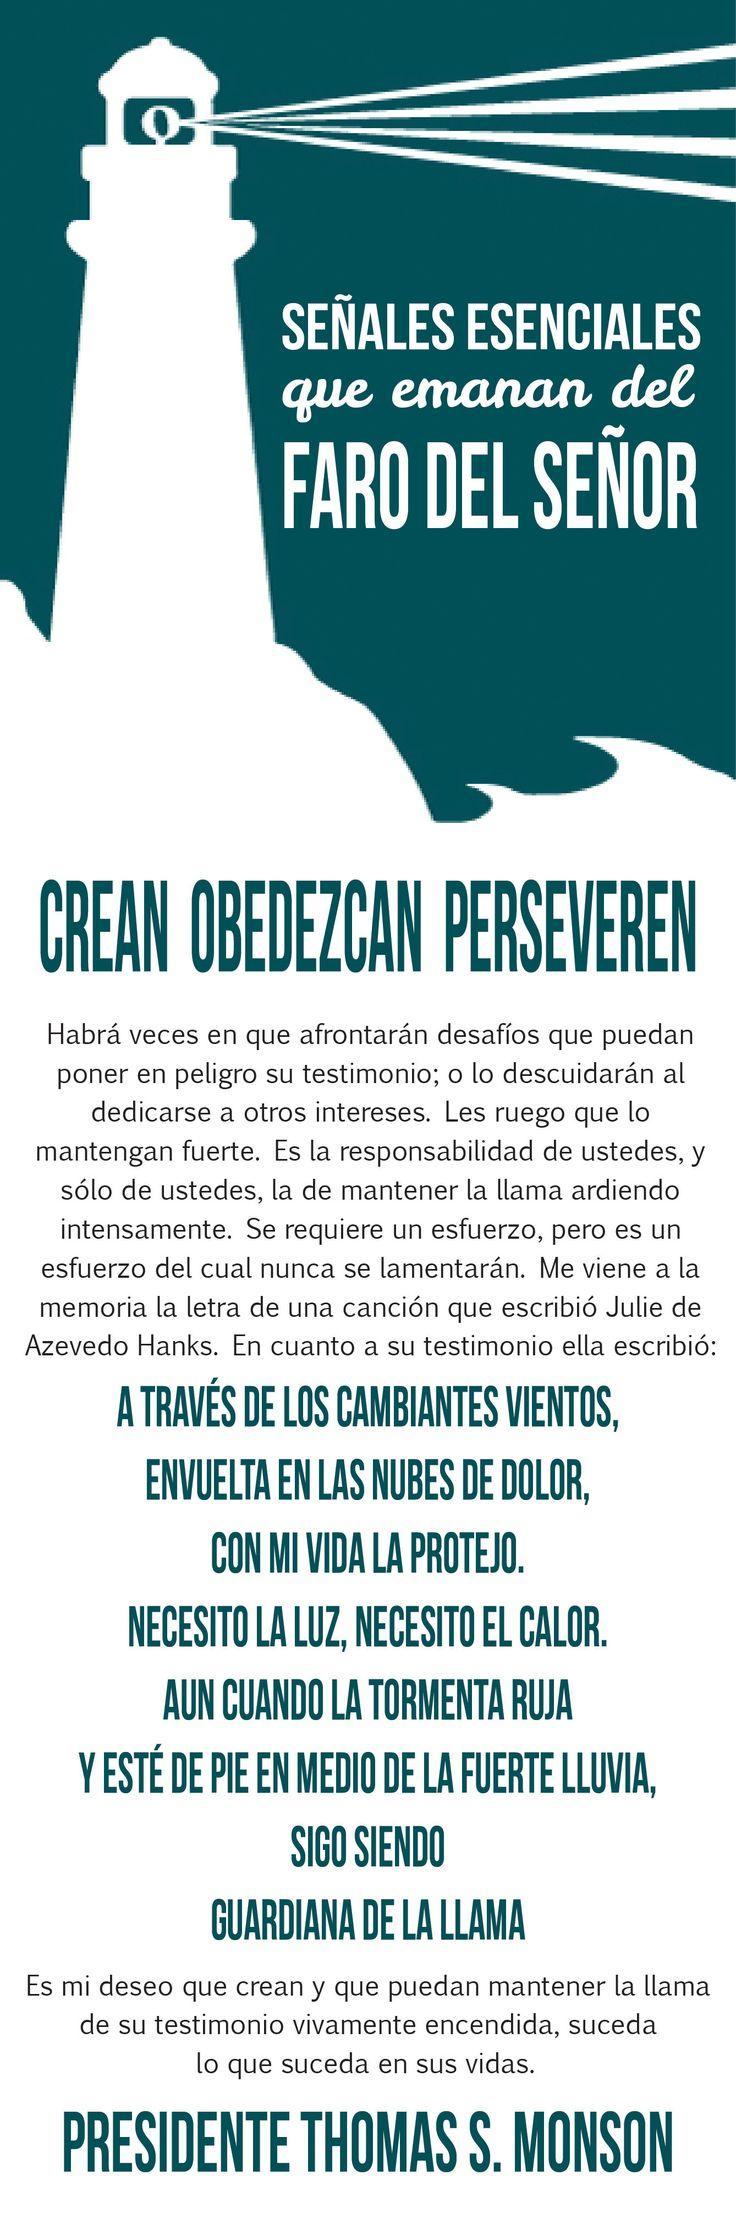 Señales esenciales que emanan del faro del Señor -  Ven Sigueme Mayo 2014 - Conexion SUD